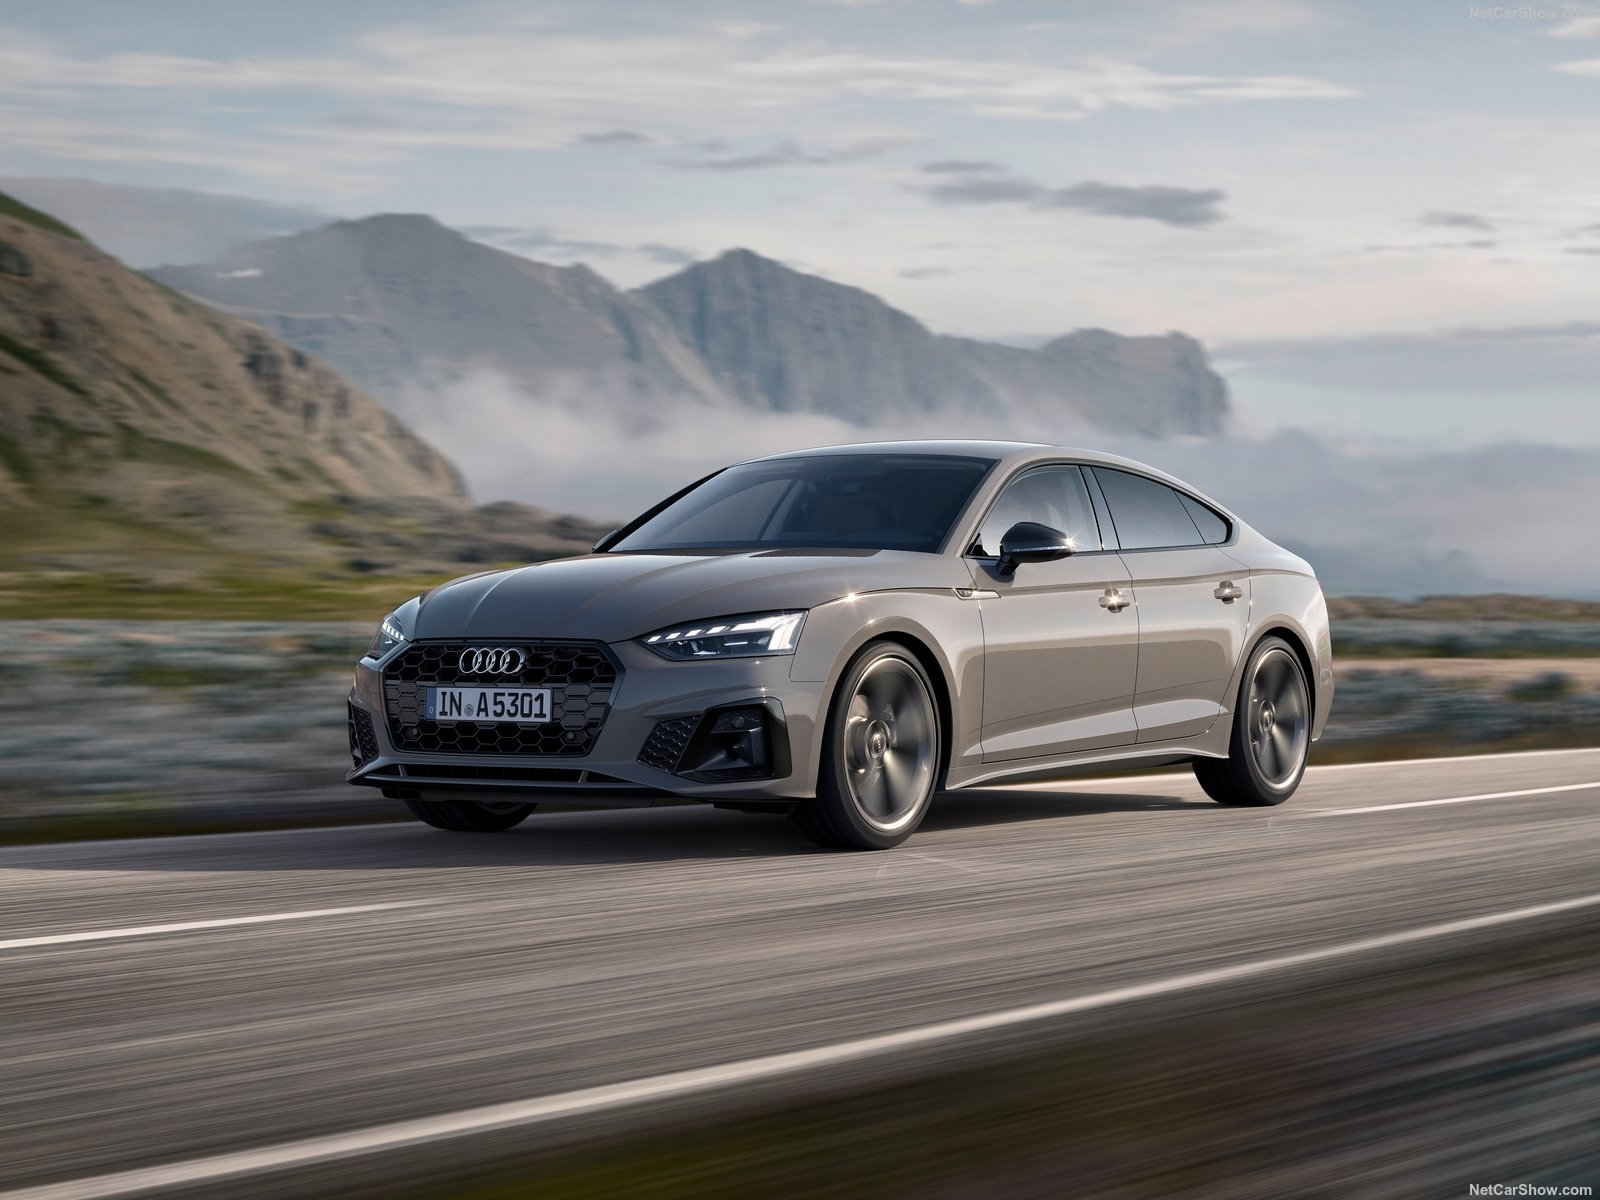 Audi A5 2020: роскошная новинка с турбированными двигателями, отличной аэродинамикой и резвым разгоном